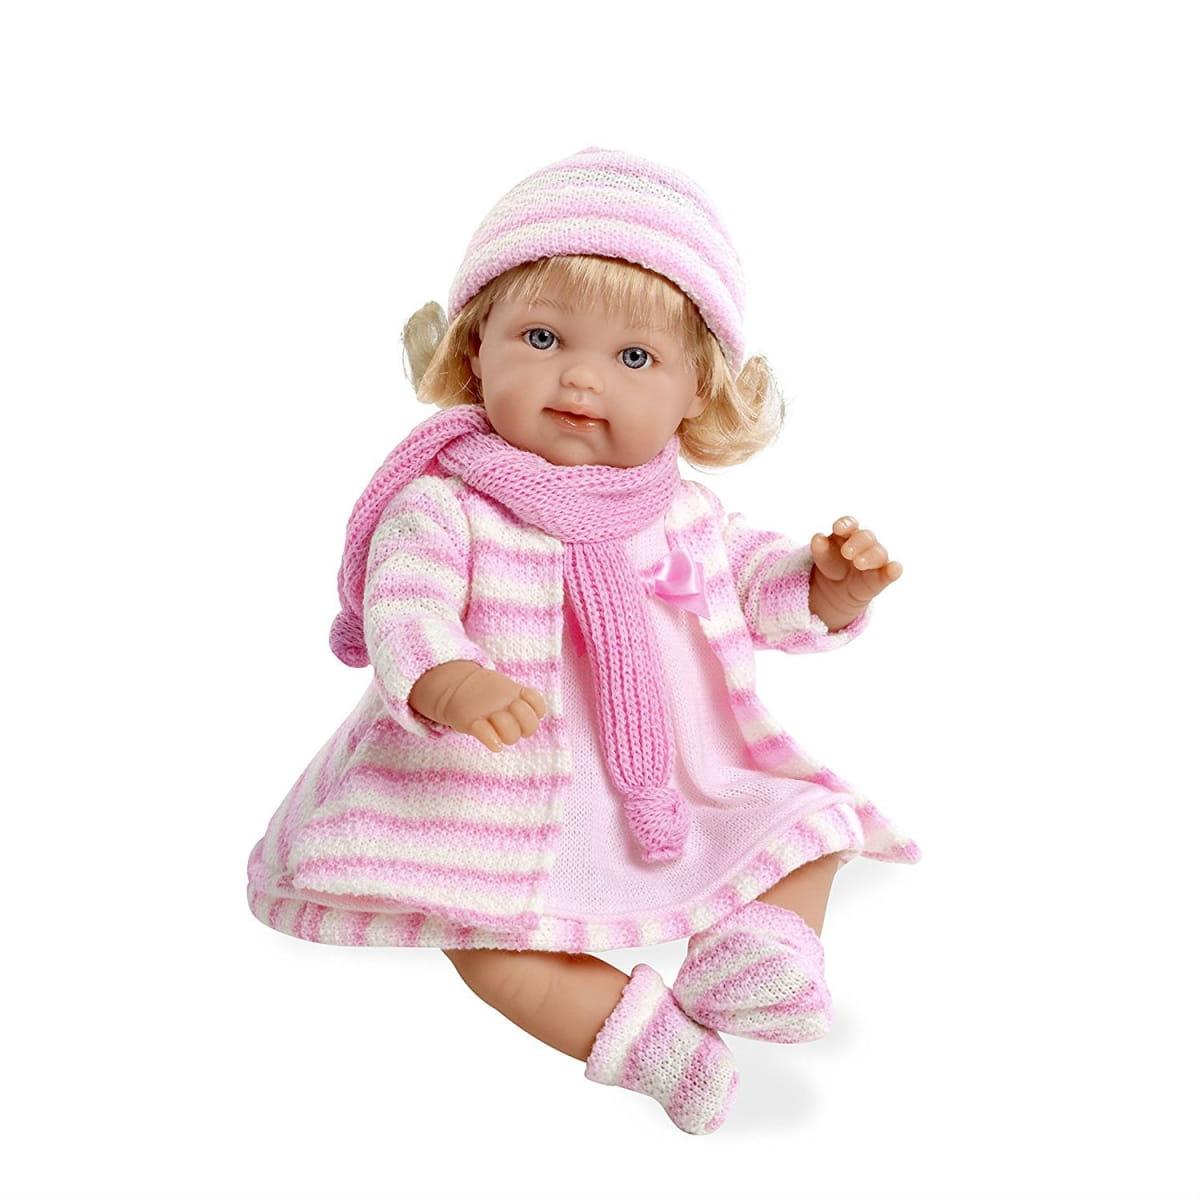 Пупс Arias Т59784 в розовом вязаном пальто - 33 см